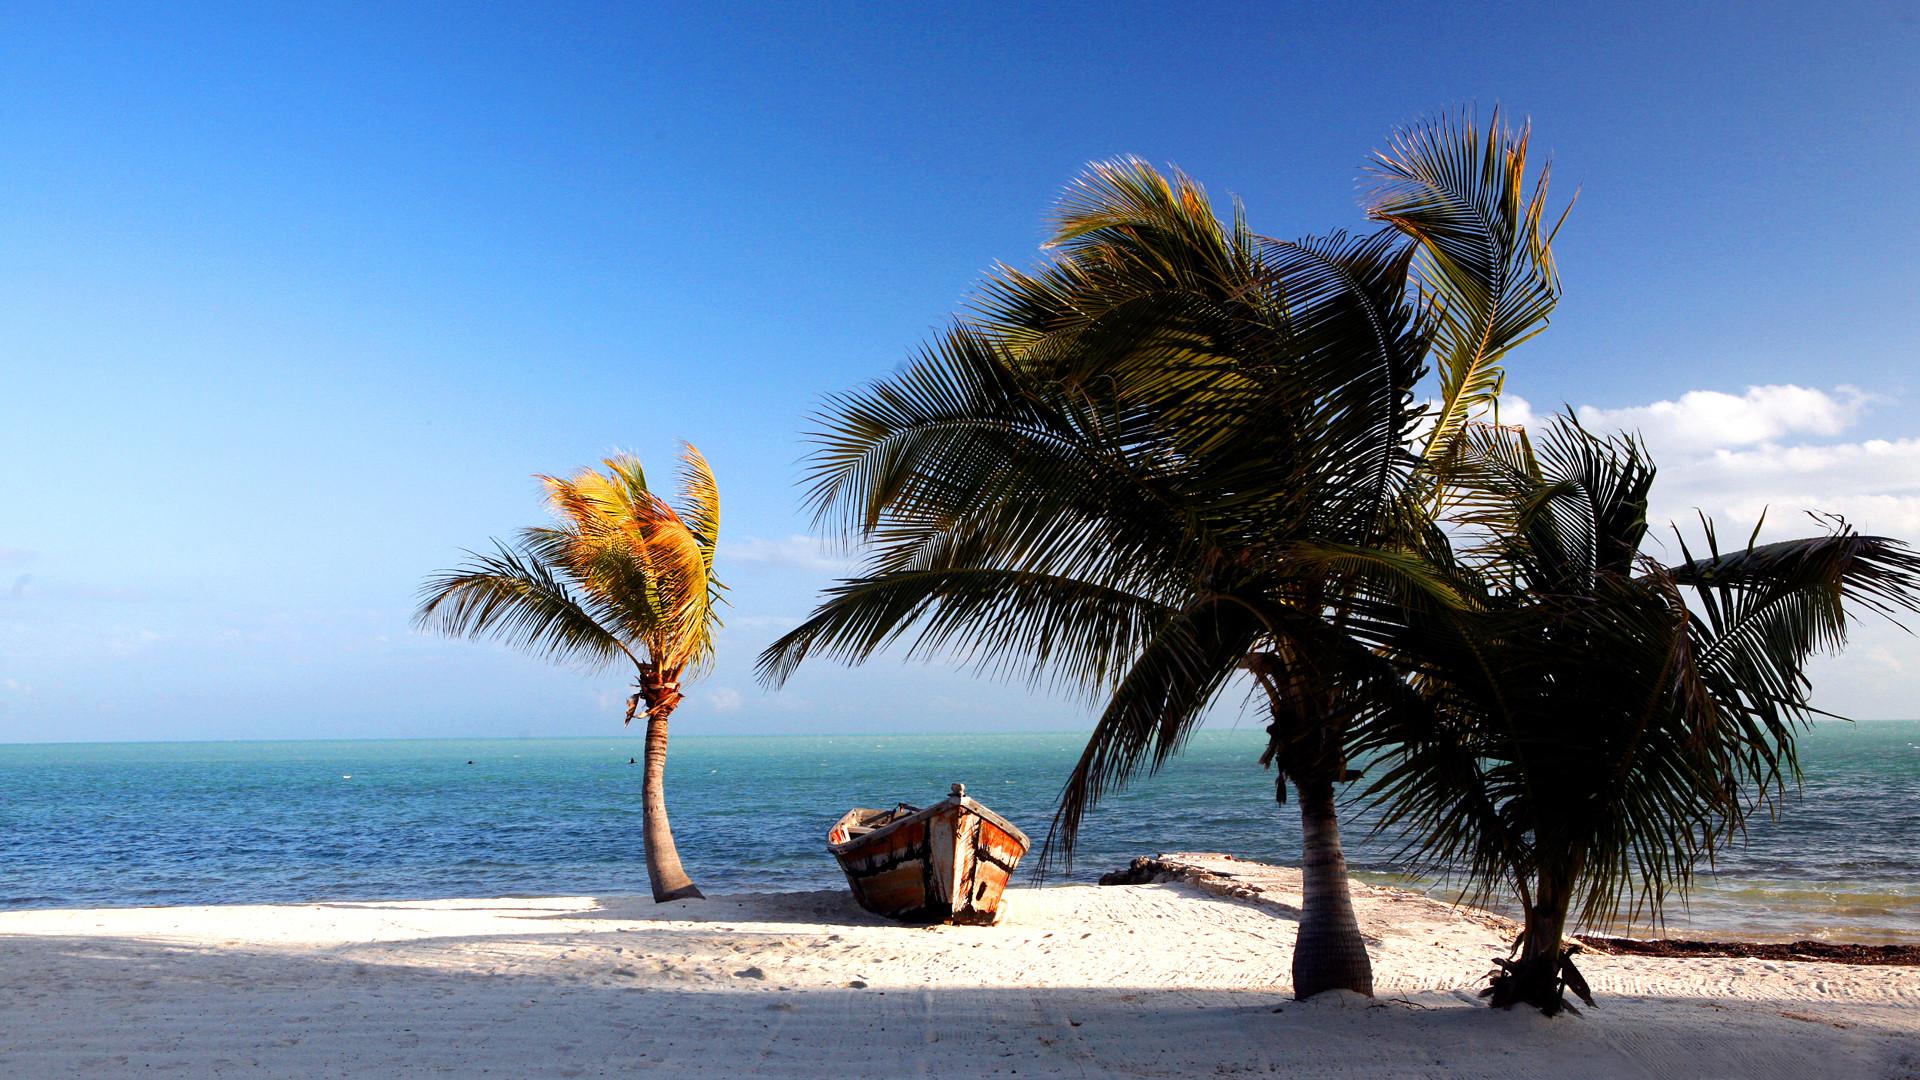 Florida Keys Beach – – 16:9